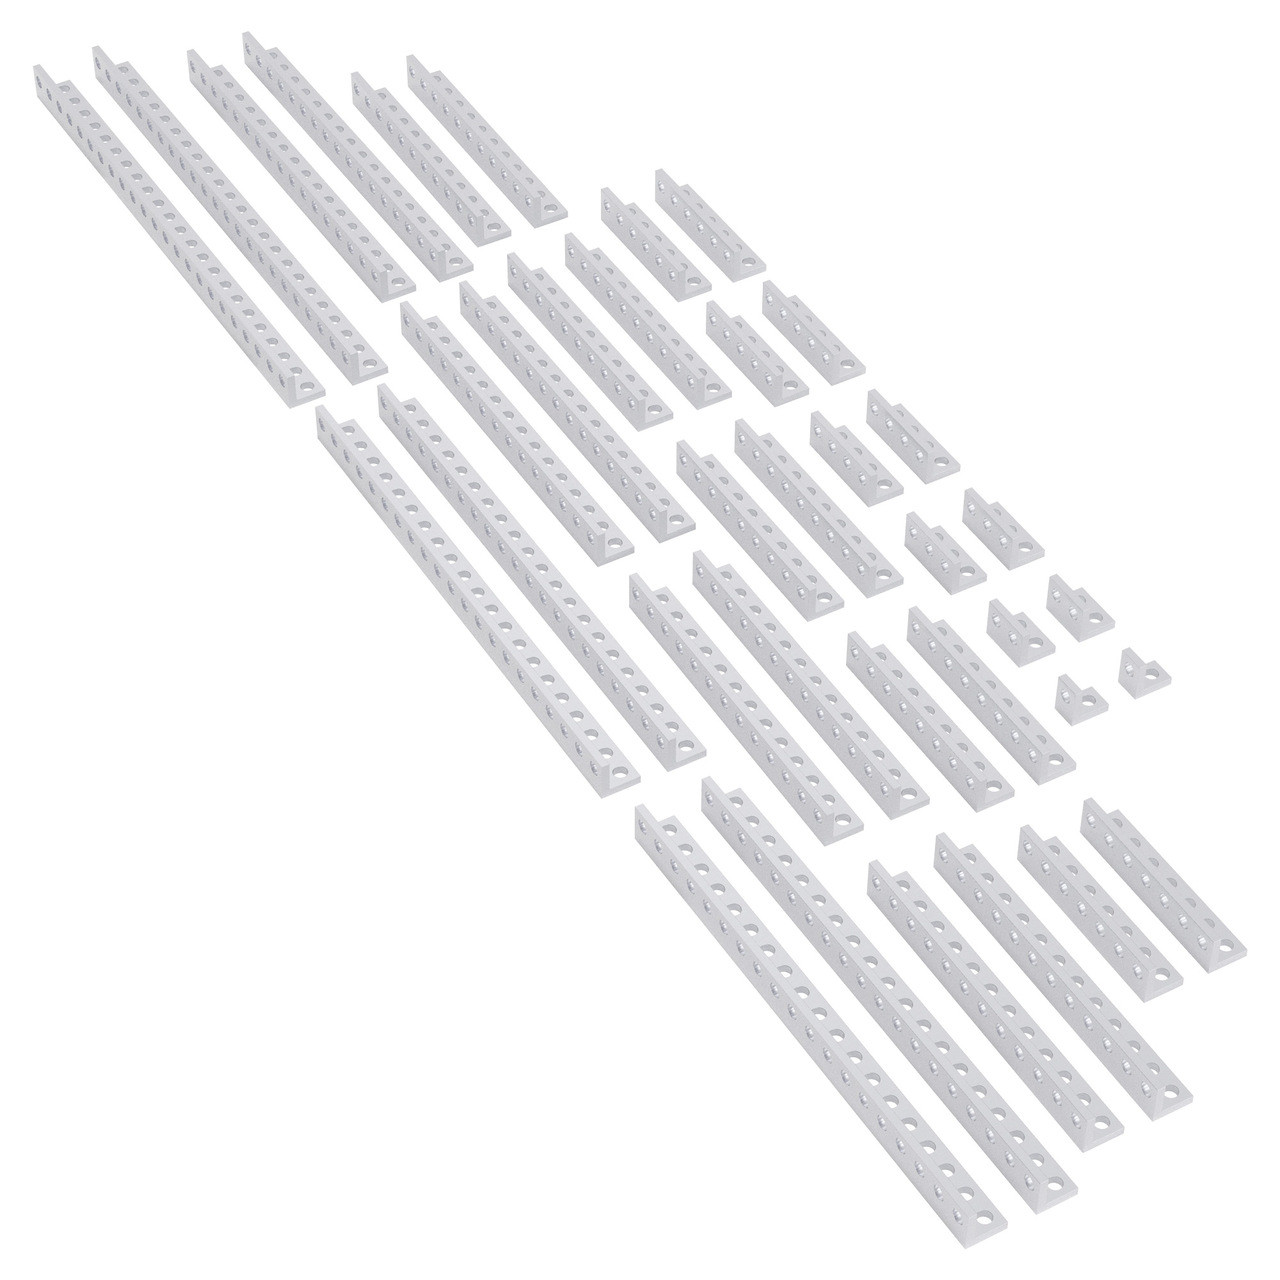 3203-1103-0001 - 1103 Series L-Beams Bundle